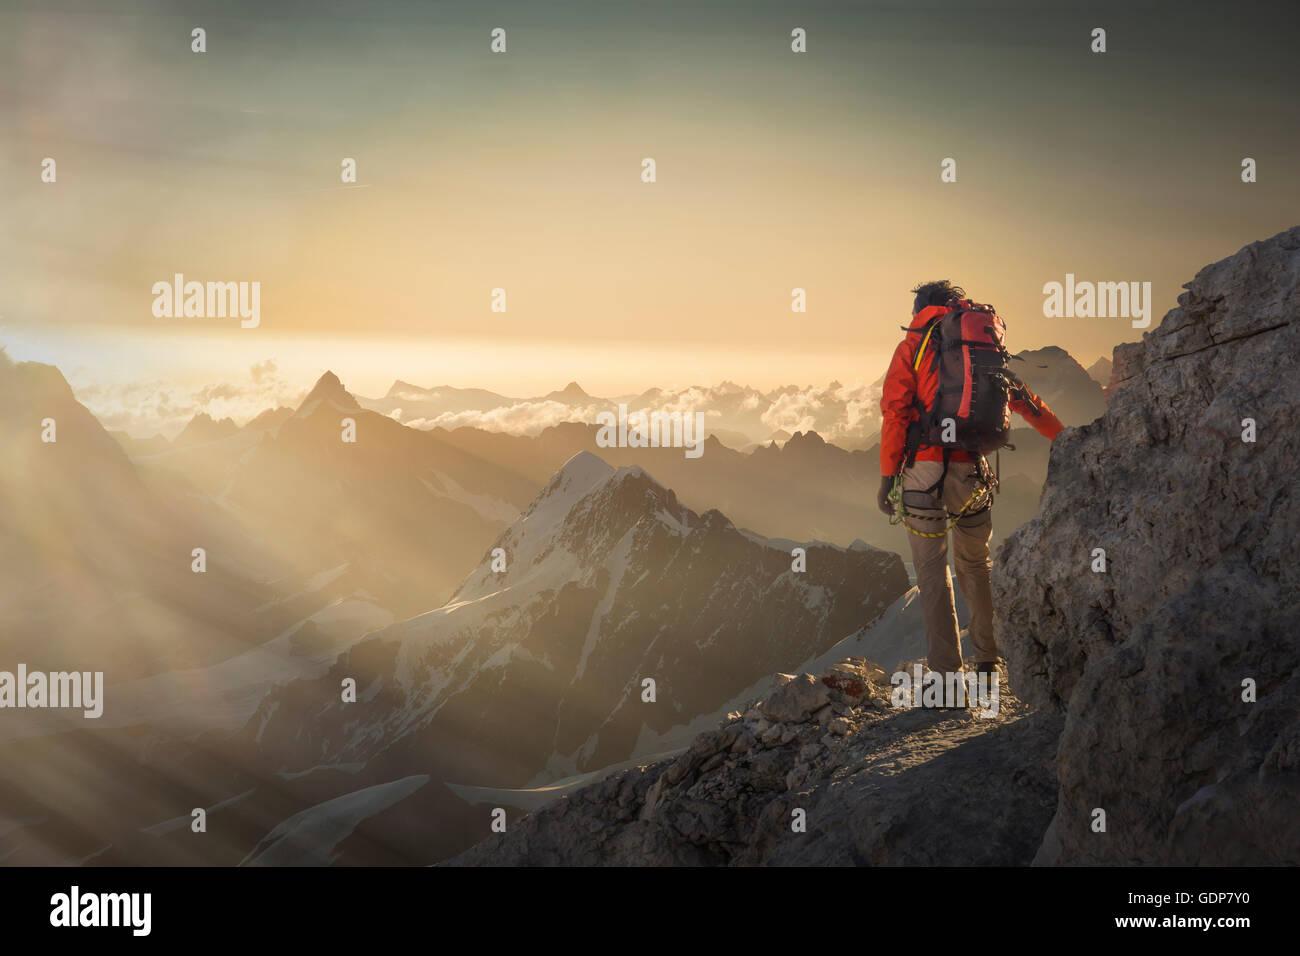 Scalatore guardando una gamma di montagna al tramonto, Alpi, Canton Vallese, Svizzera Immagini Stock